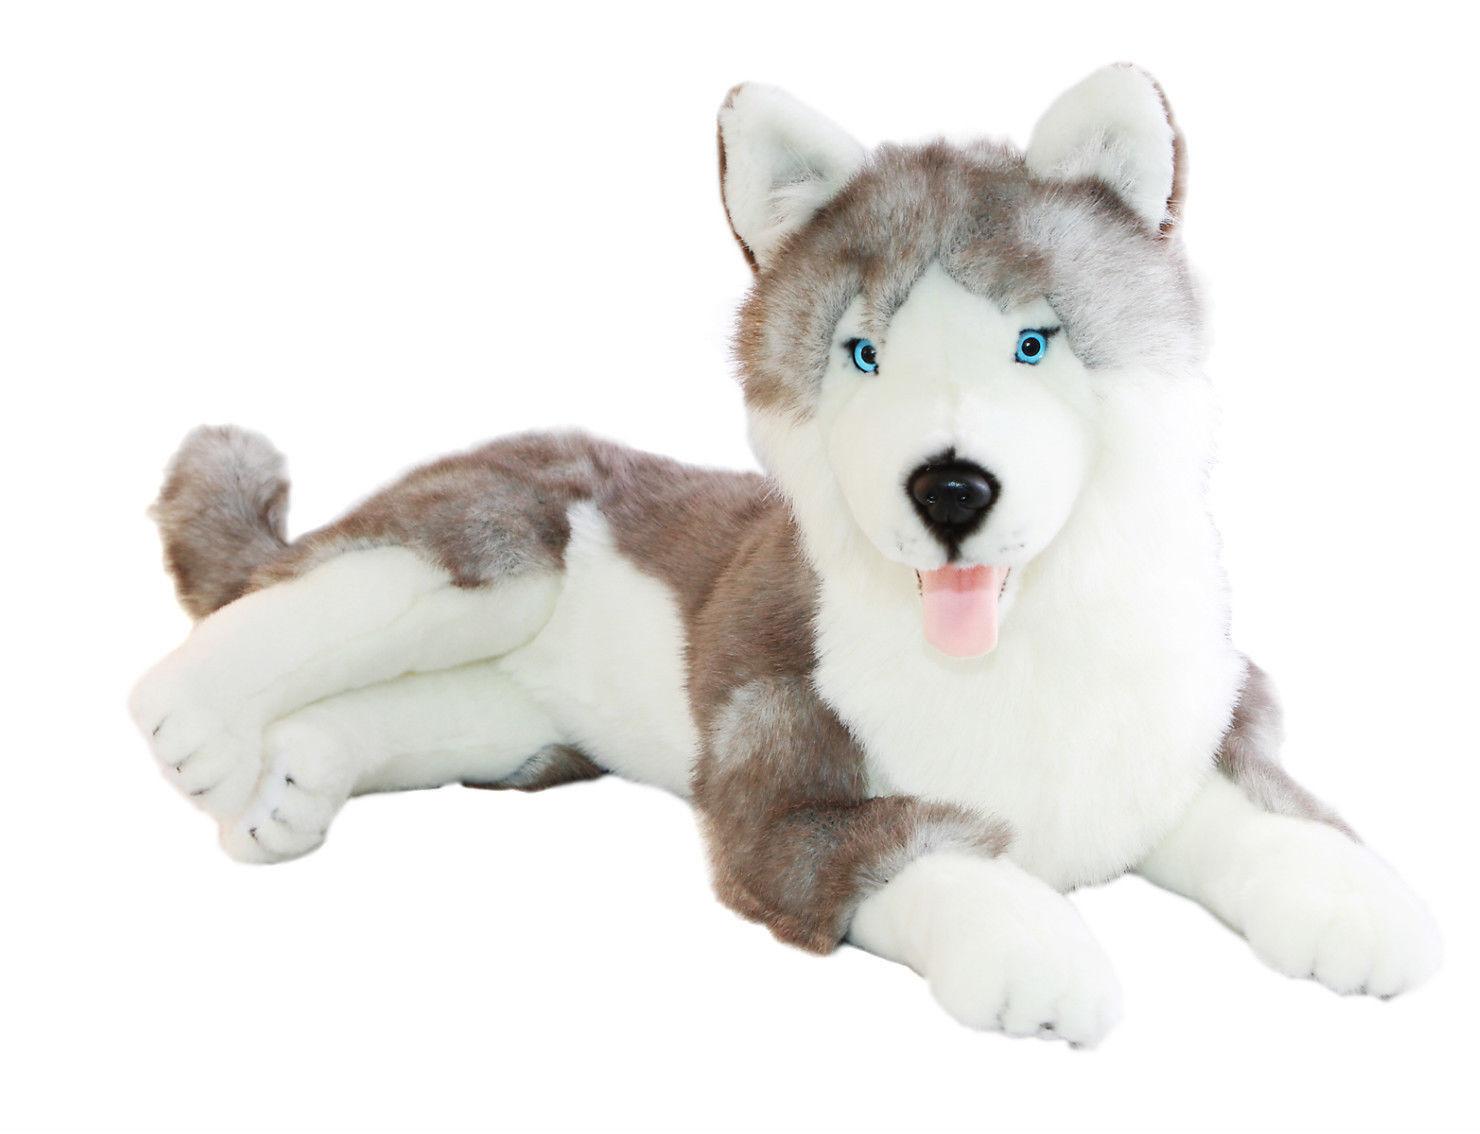 BNWT - Bocchetta Siberian Husky Dog Lying Lying Lying